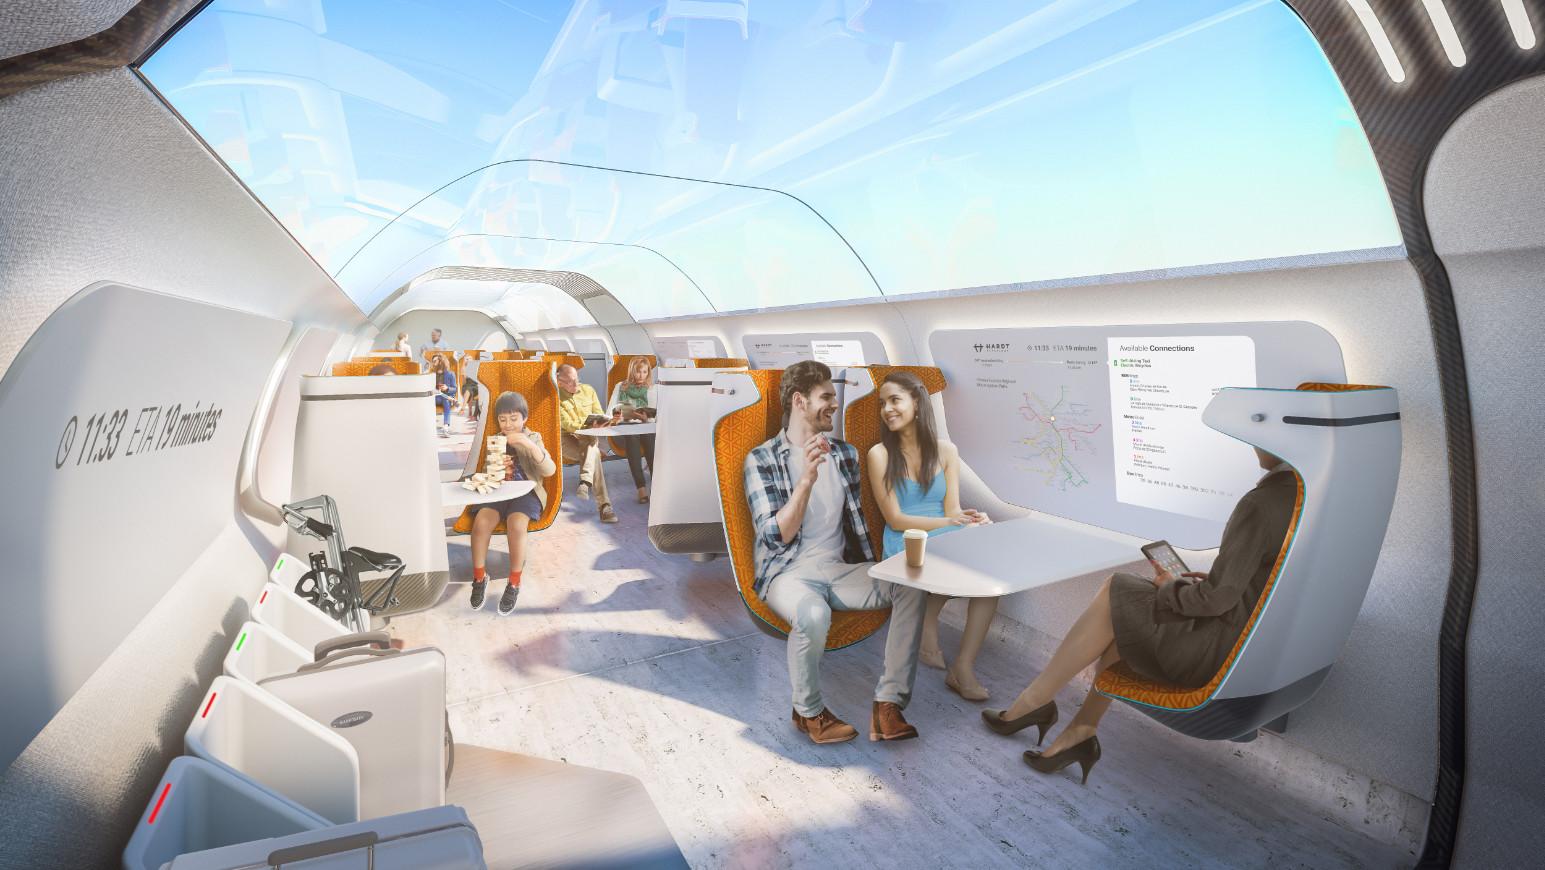 Amsterdam to Frankfurt in 50 mins? Dutch hyperloop startup ...